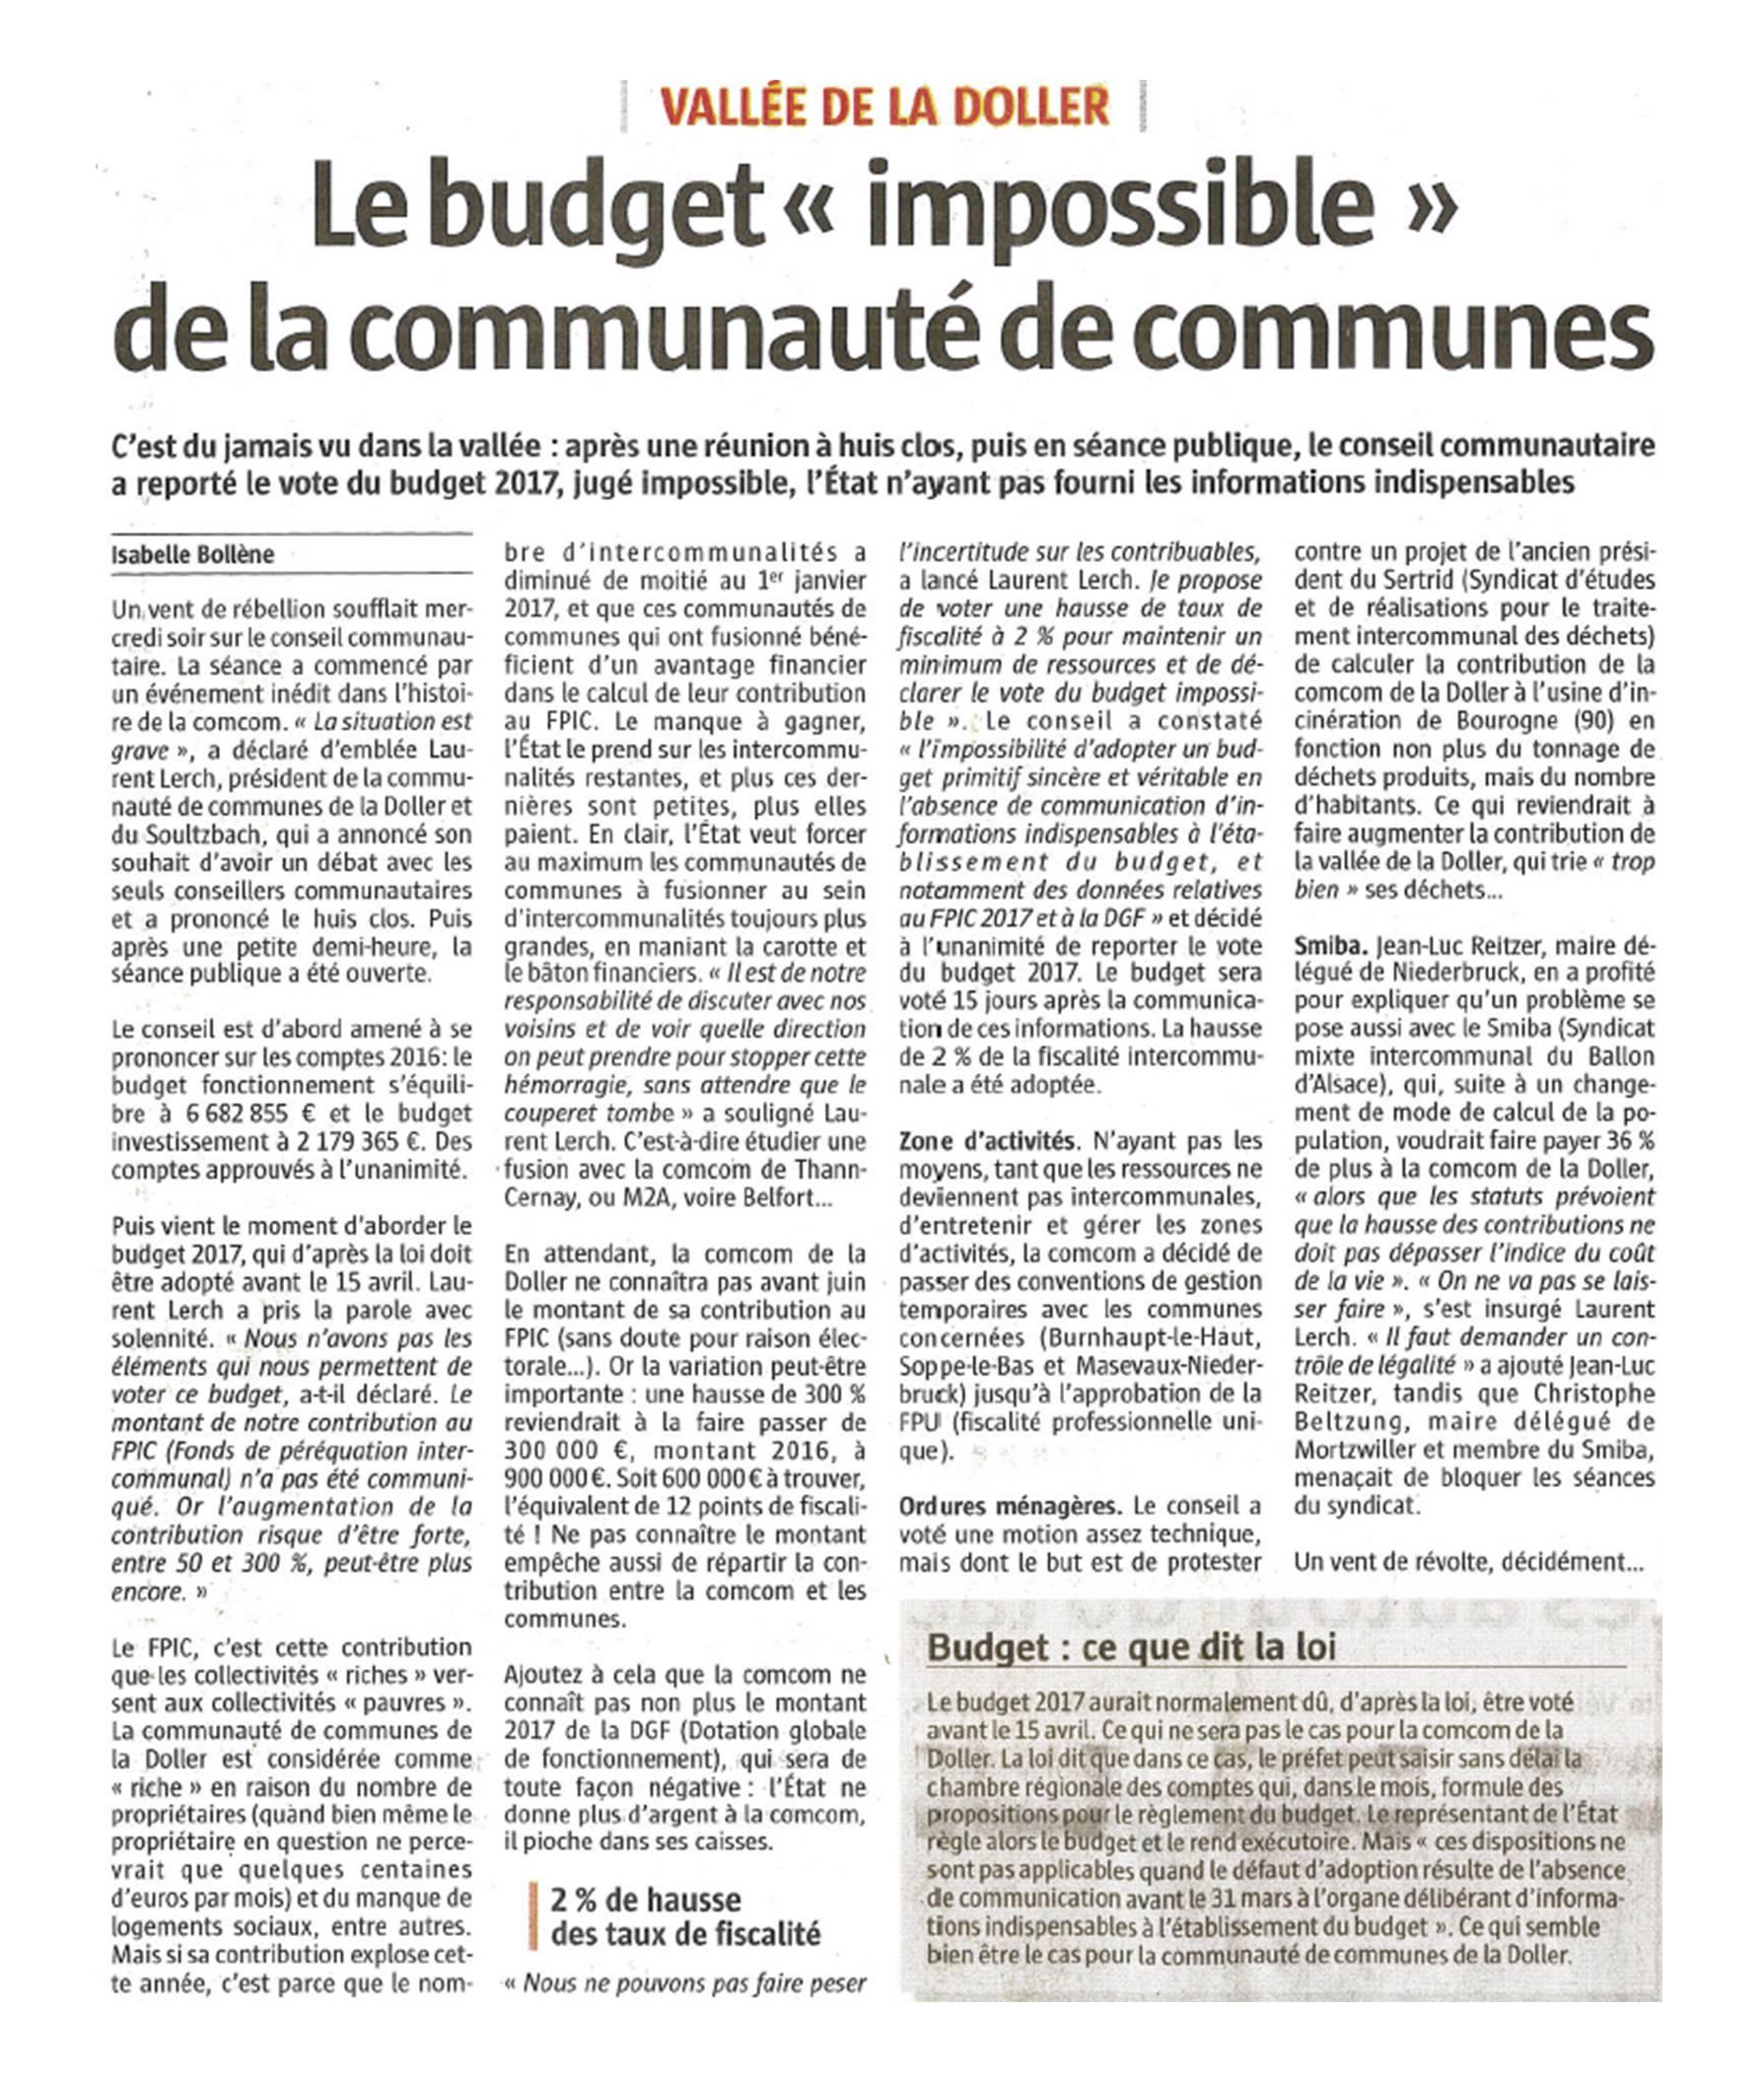 Le budget impossible de la communauté de communes - L'Alsace (15-04-2017)